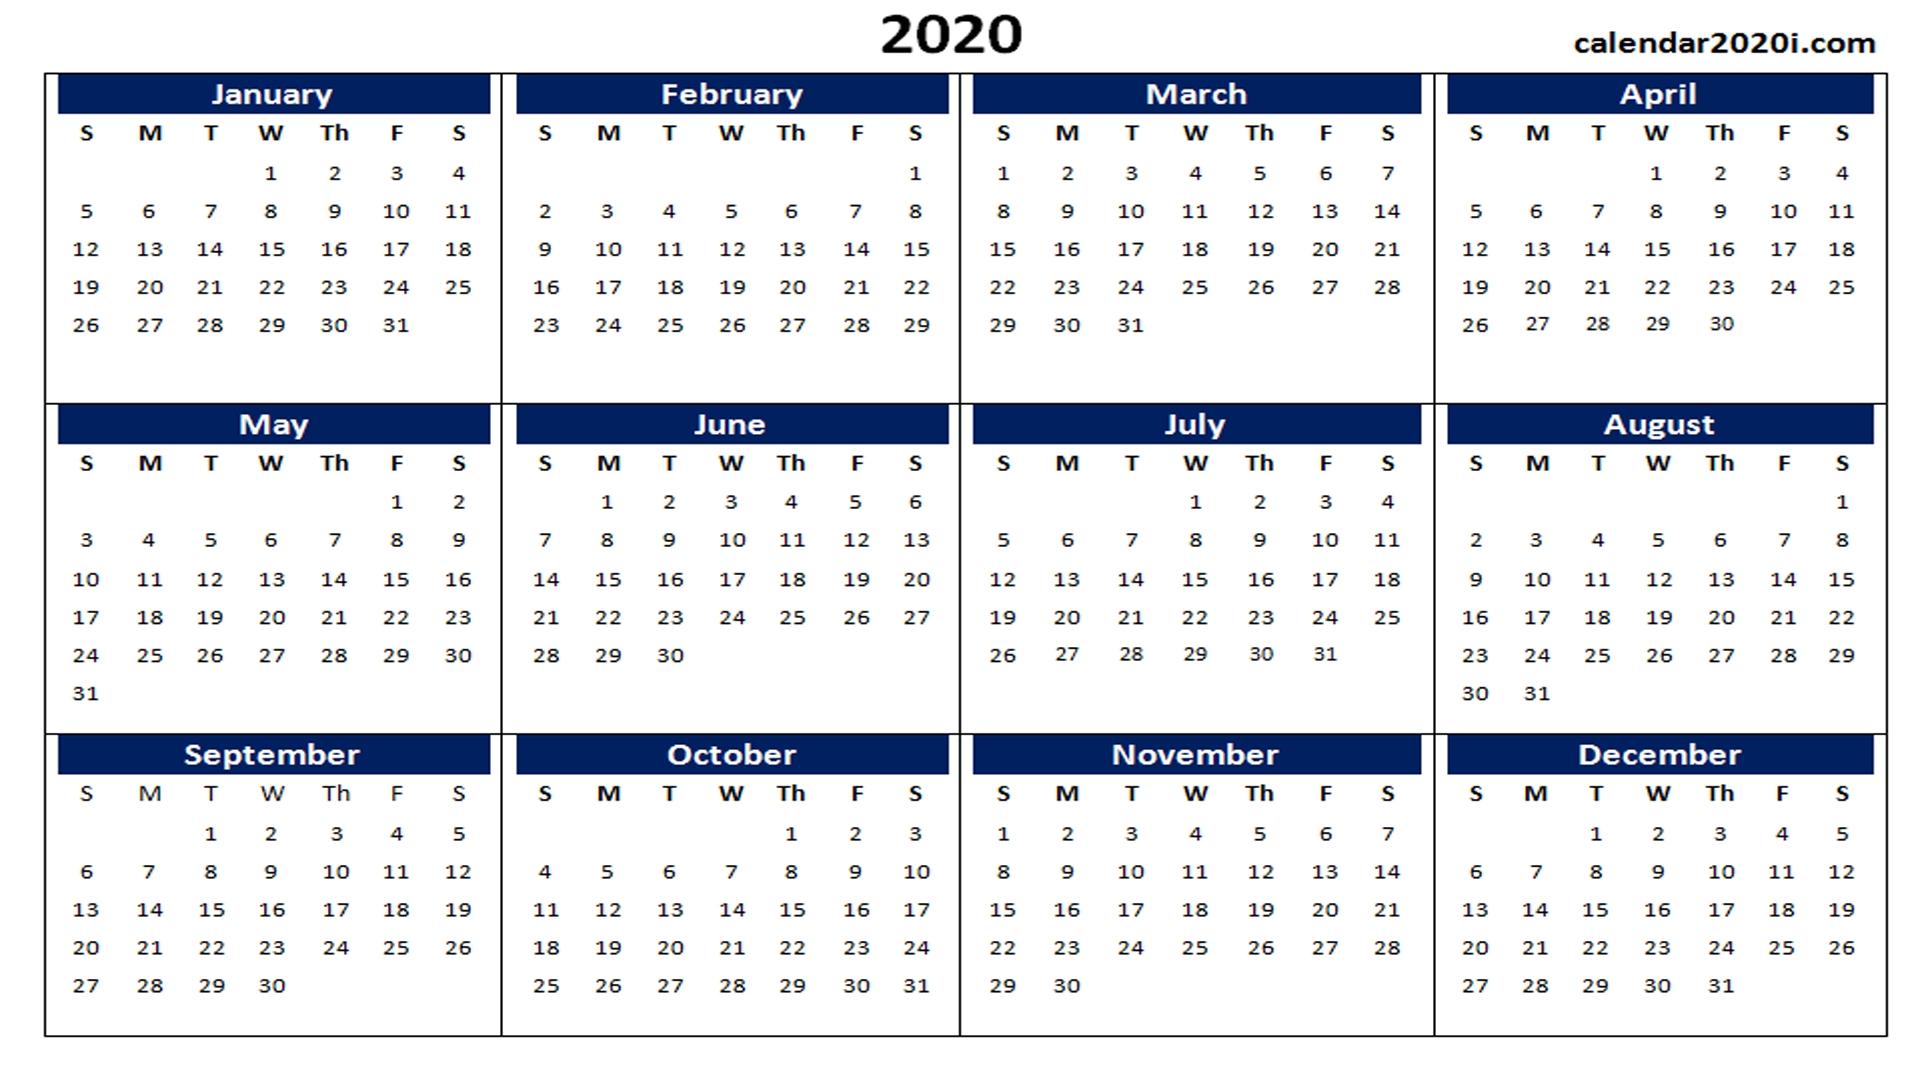 Blank 2020 Calendar Printable Templates | Calendar 2020 with regard to 2020 Calendar In Excel Formula